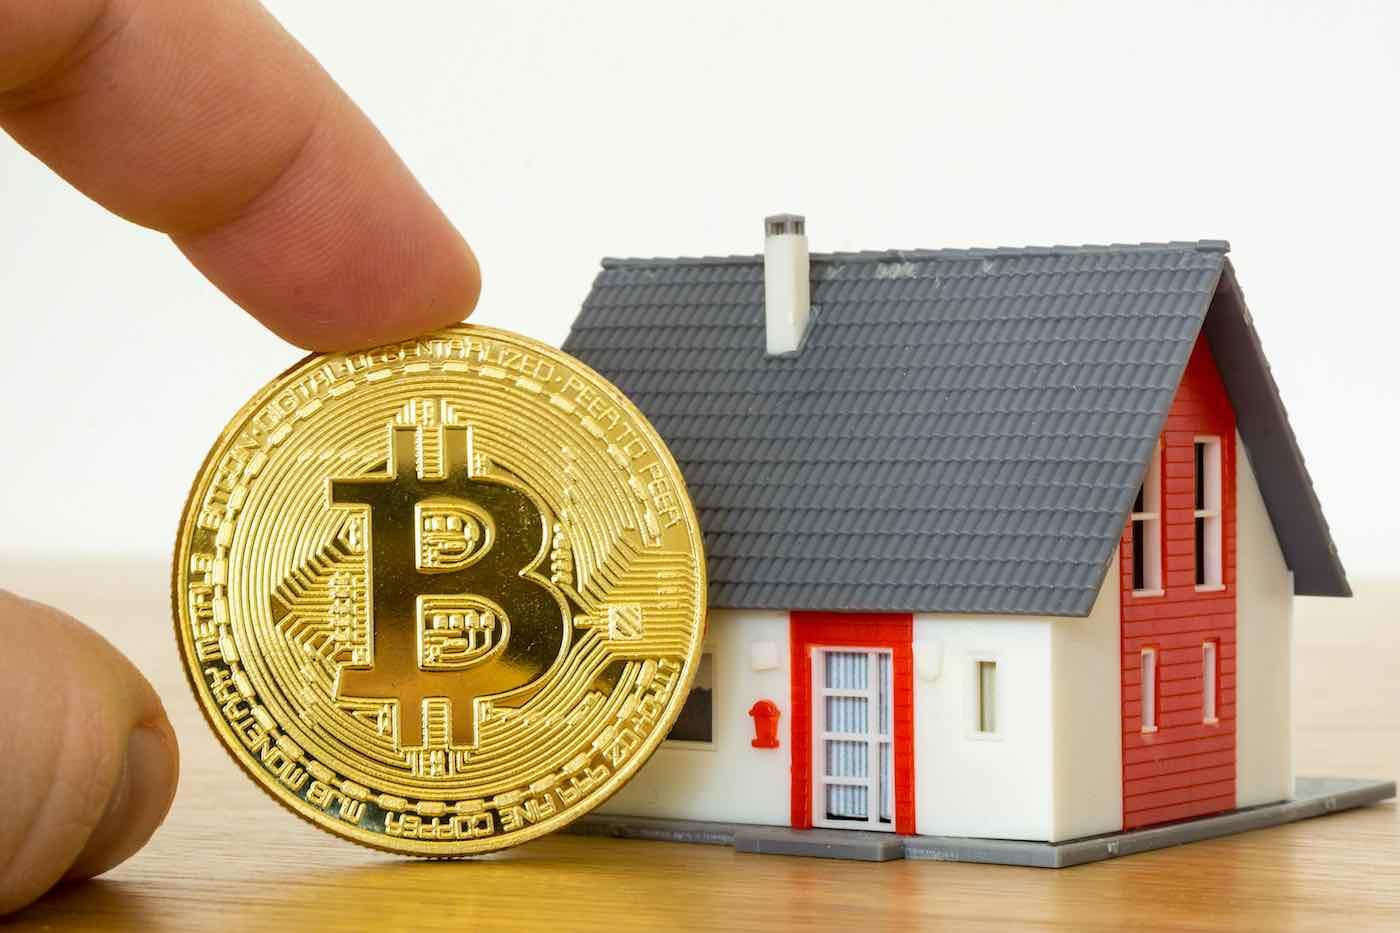 Housers permite utilizar Bitcoins para invertir en inmobiliario